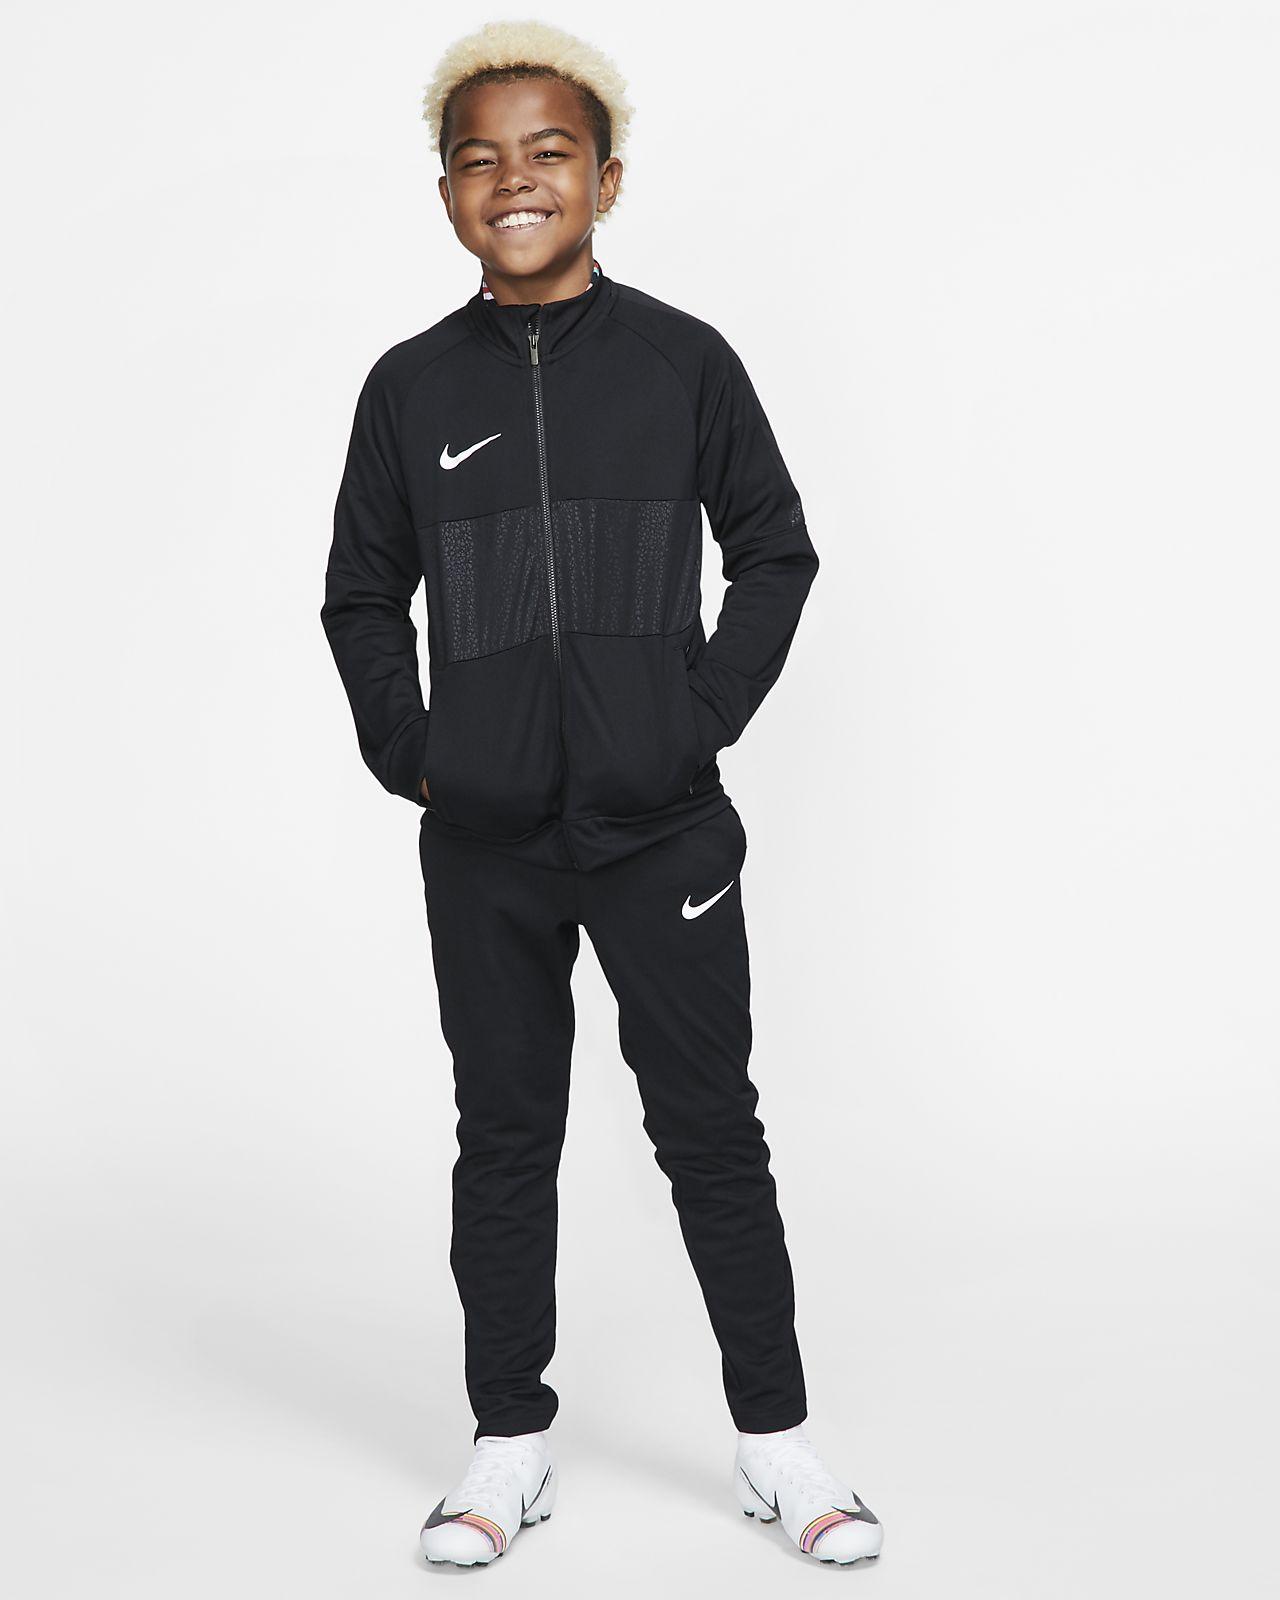 7bd5eef3c Nike Dri-FIT Mercurial Older Kids' Football Jacket. Nike.com GB